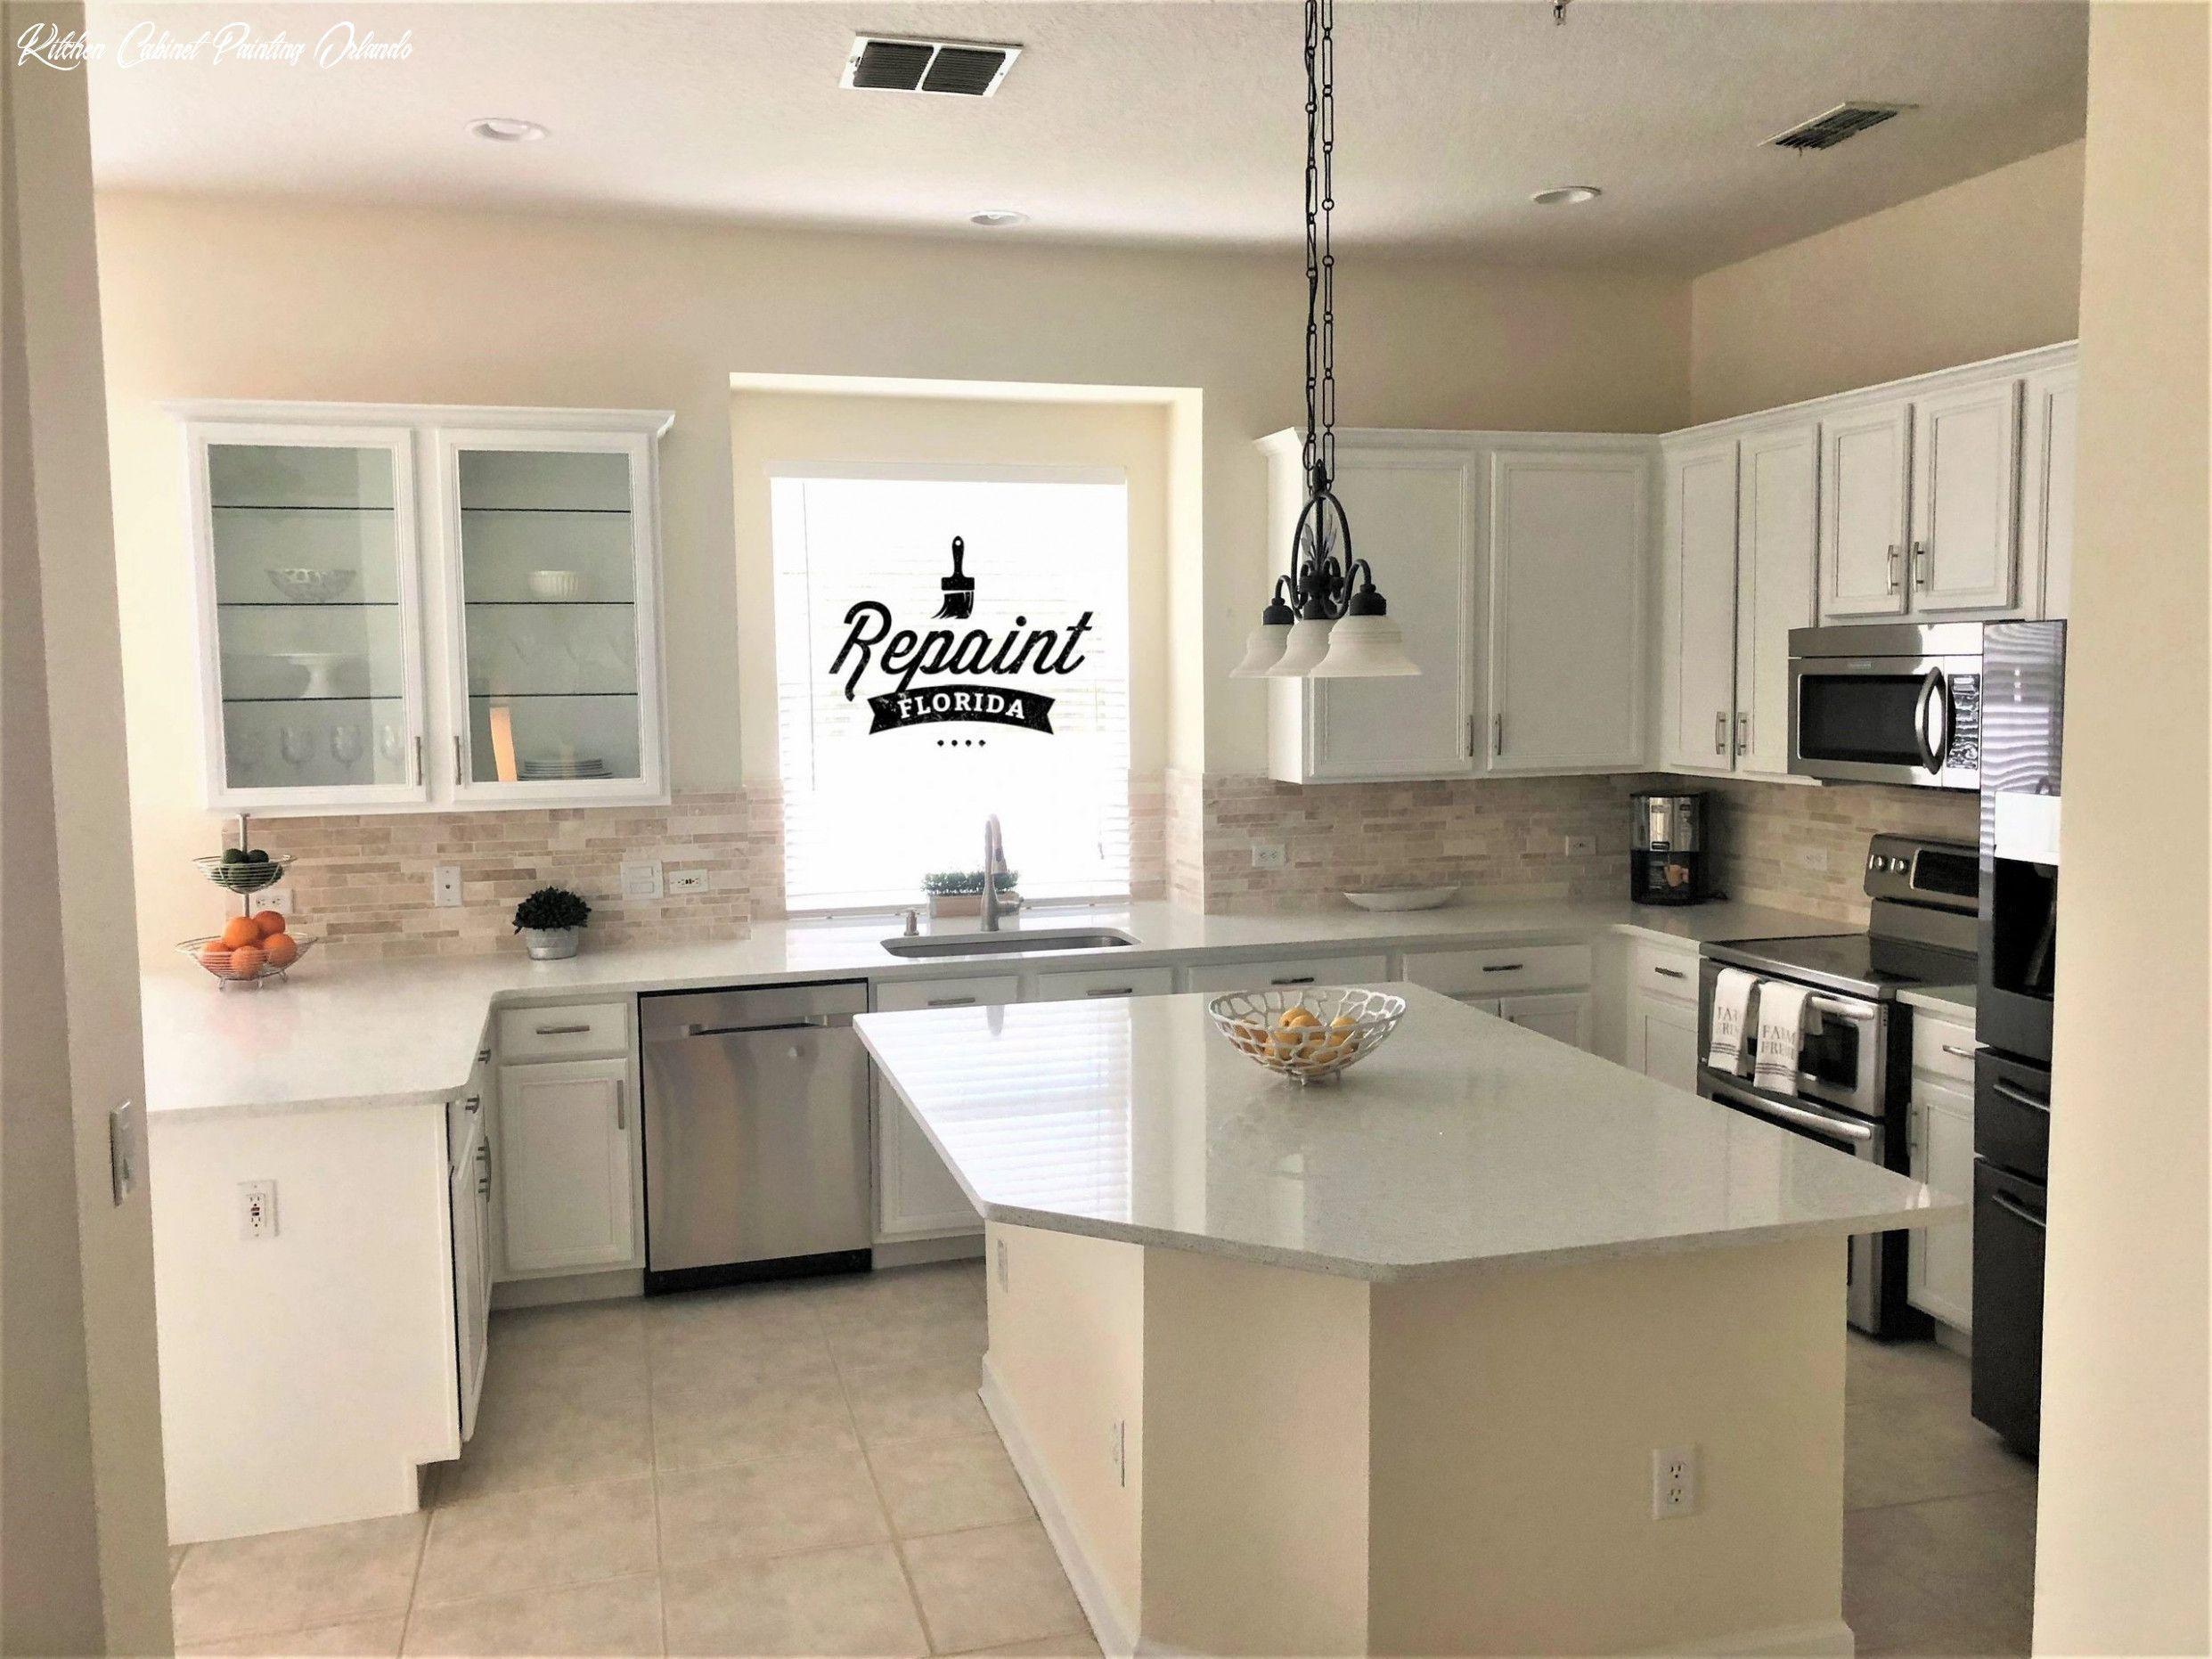 Kitchen Cabinet Painting Orlando In 2020 Küchenschrank Umgestalten Küchenschränke Malen Küchenschränke Streichen